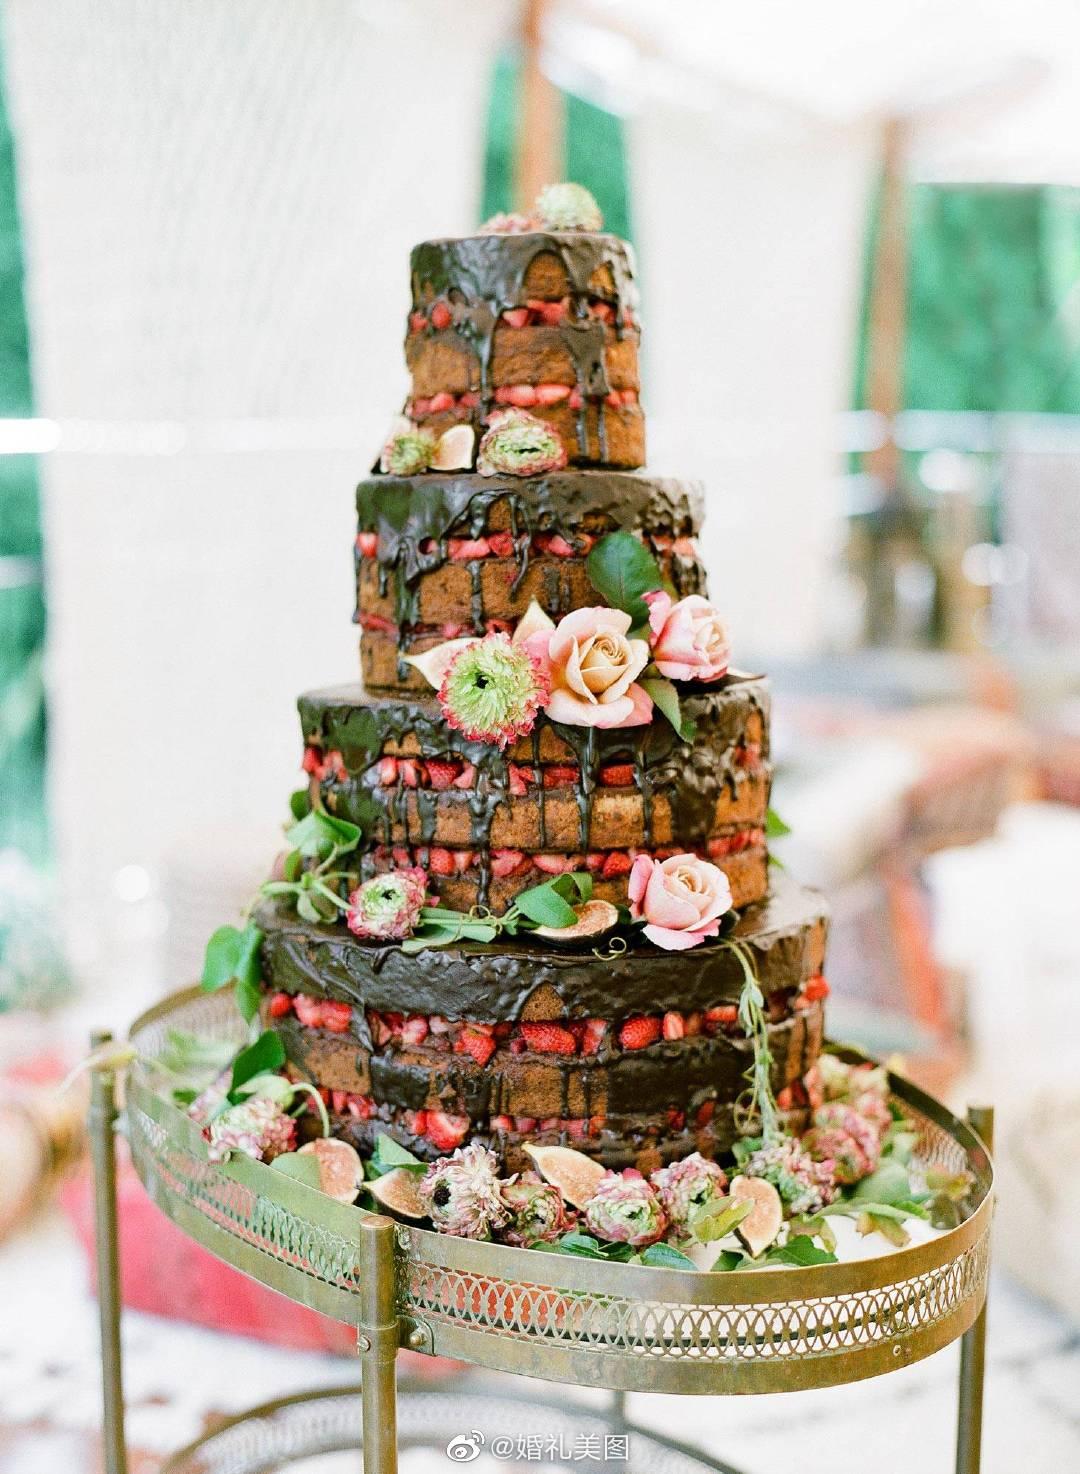 巧克力婚礼蛋糕